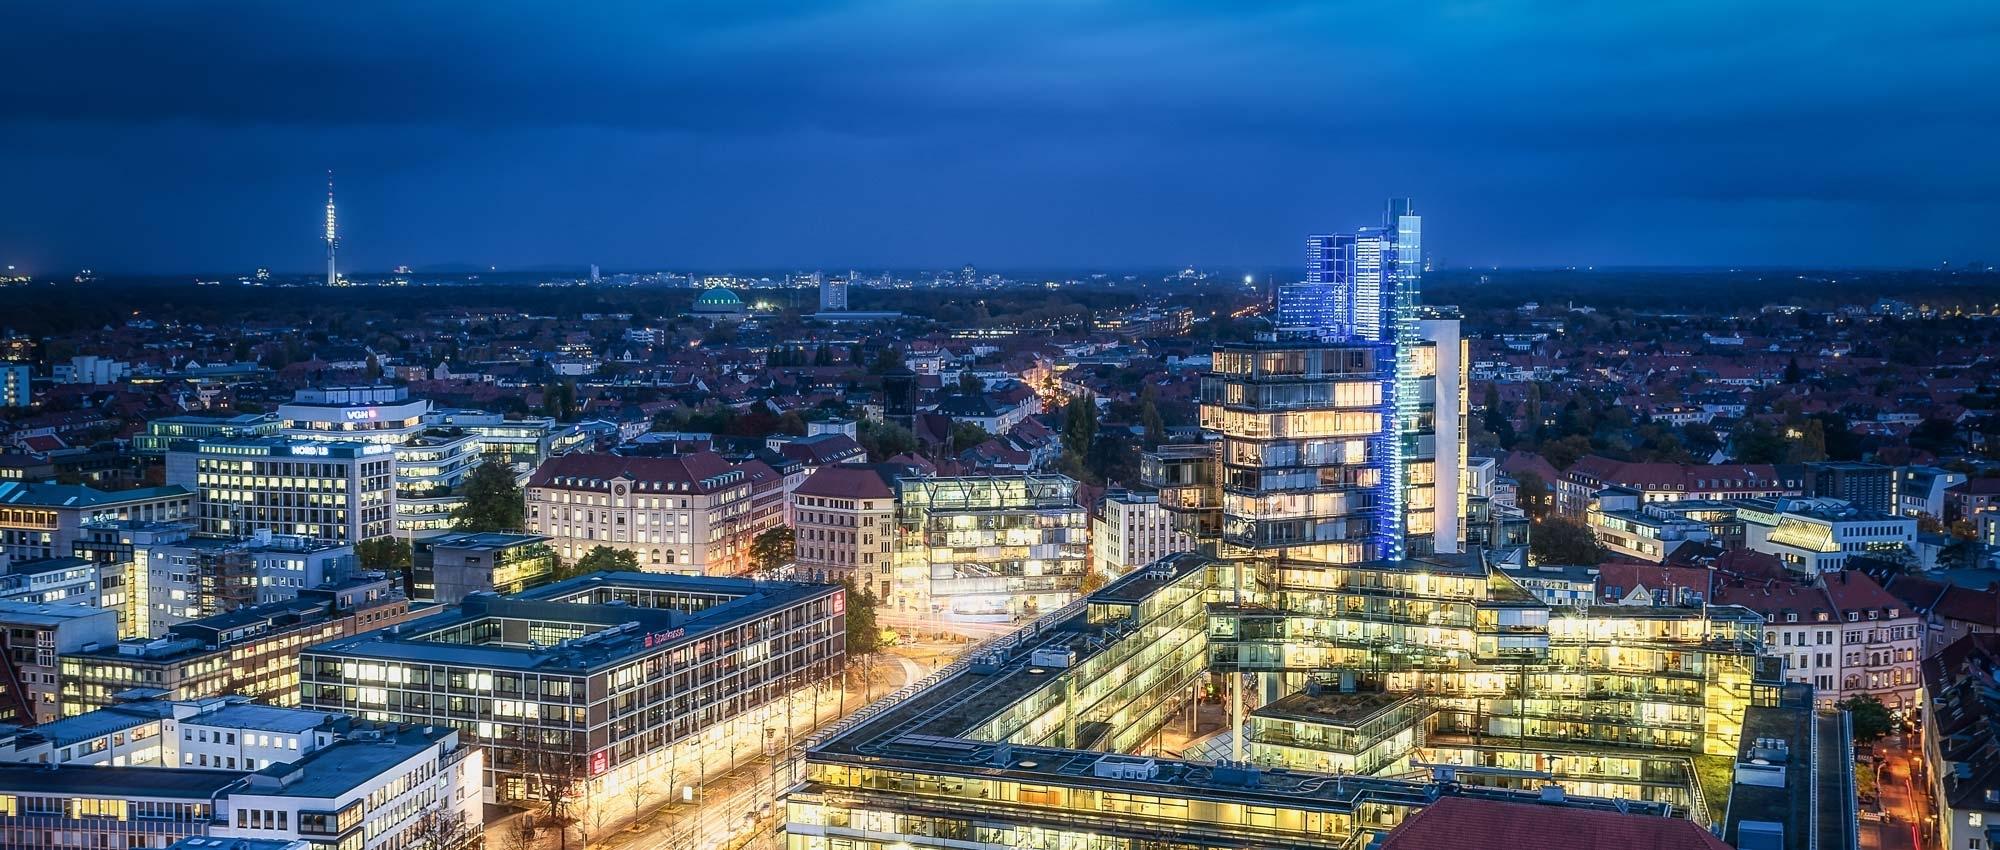 Noleggio Lexus a Hannover